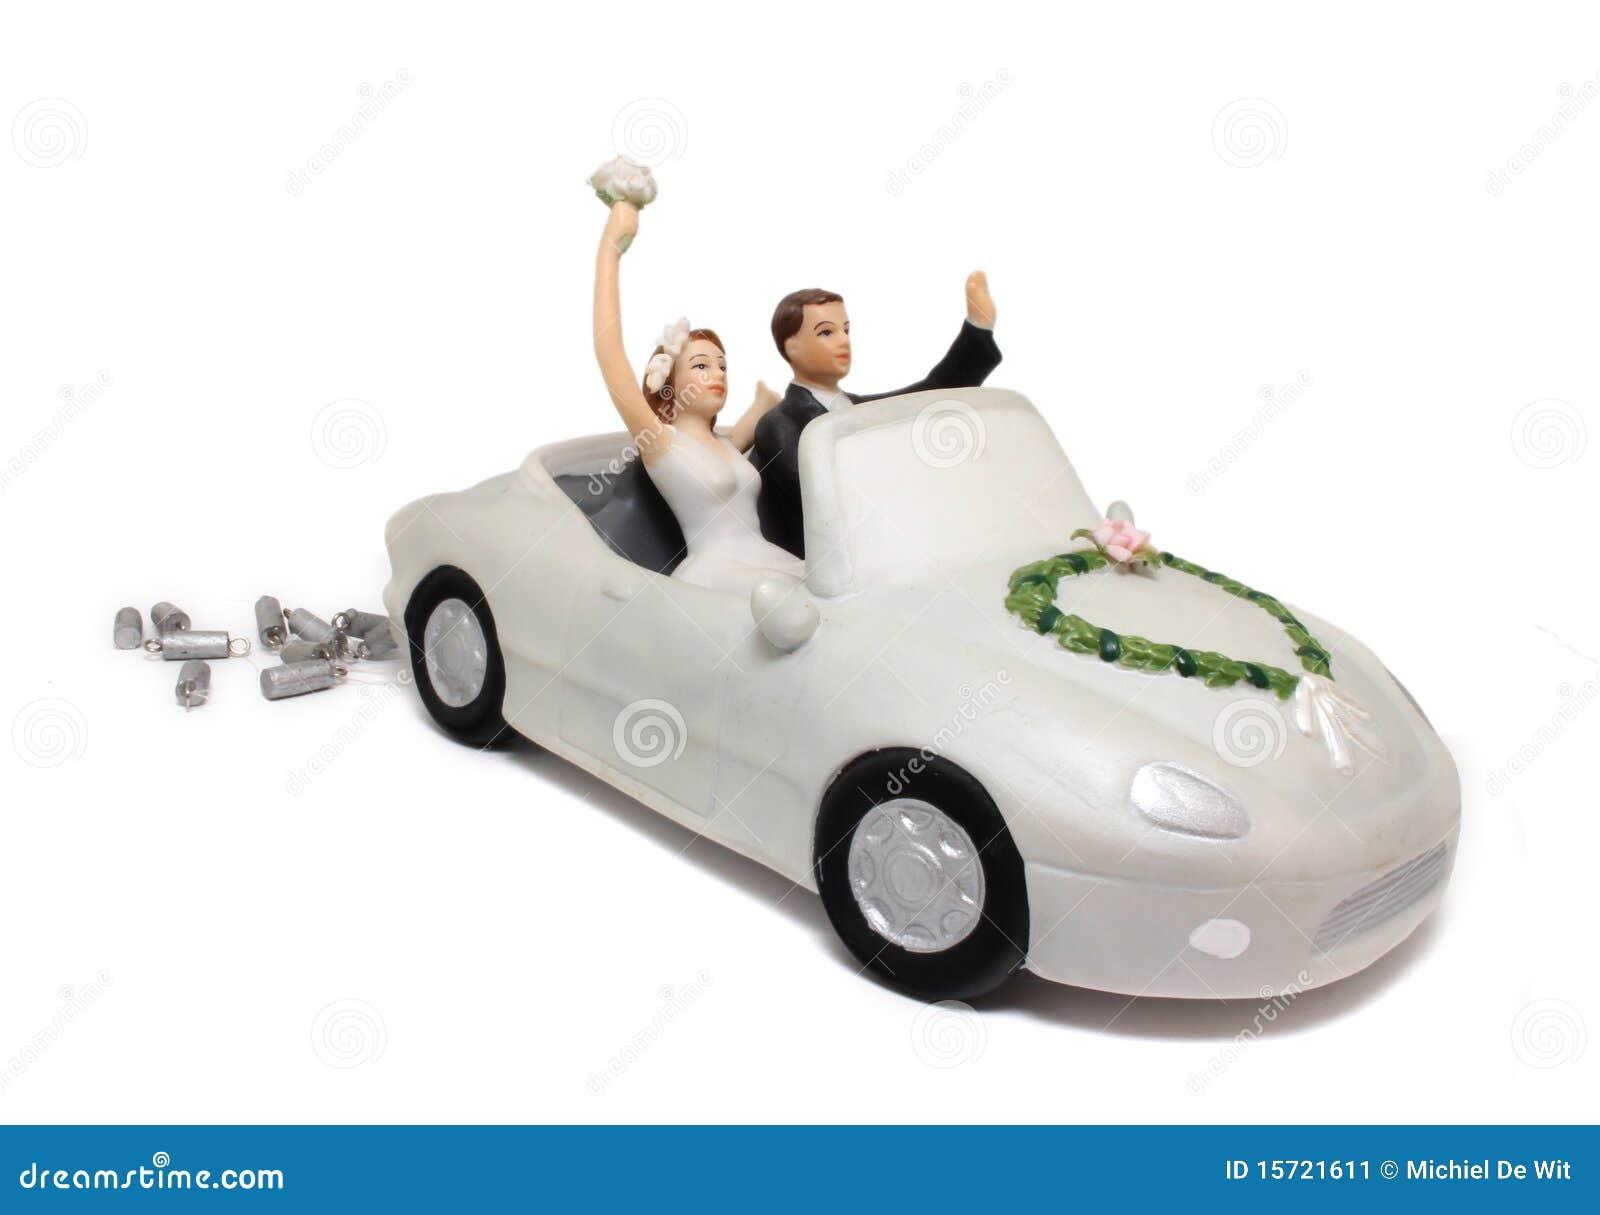 венчание экстракласса автомобиля торта